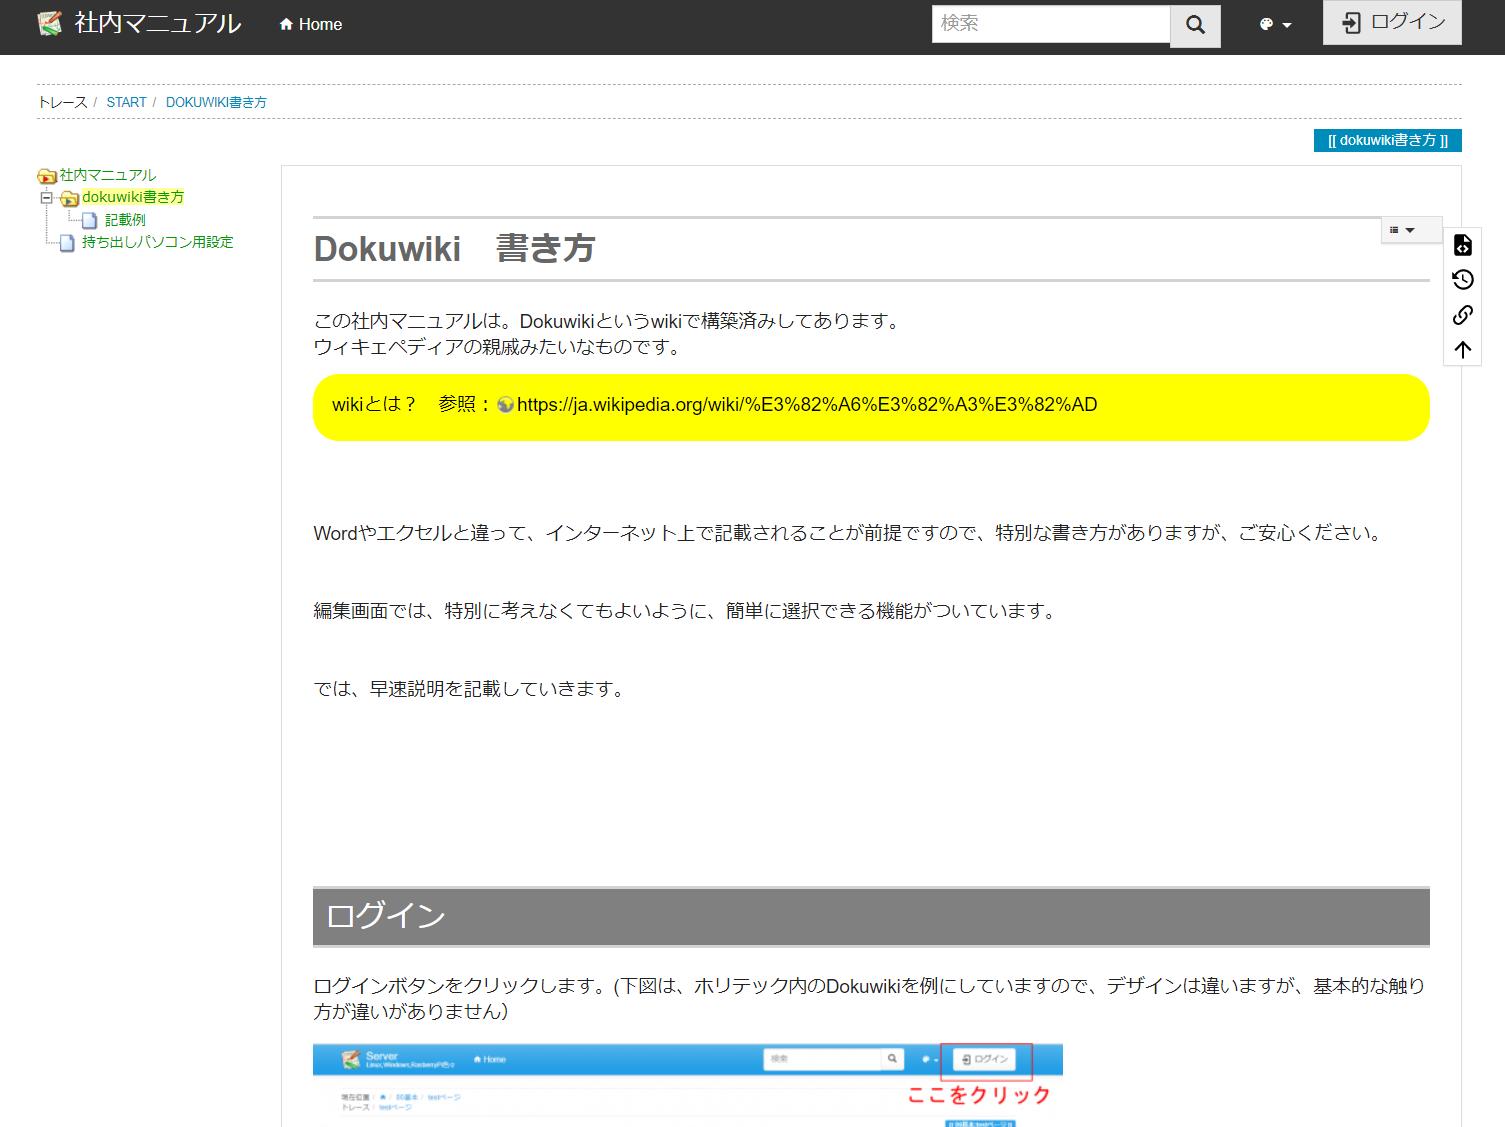 https://www.hori-tec.net/image/Dokuwiki_rei_00.png